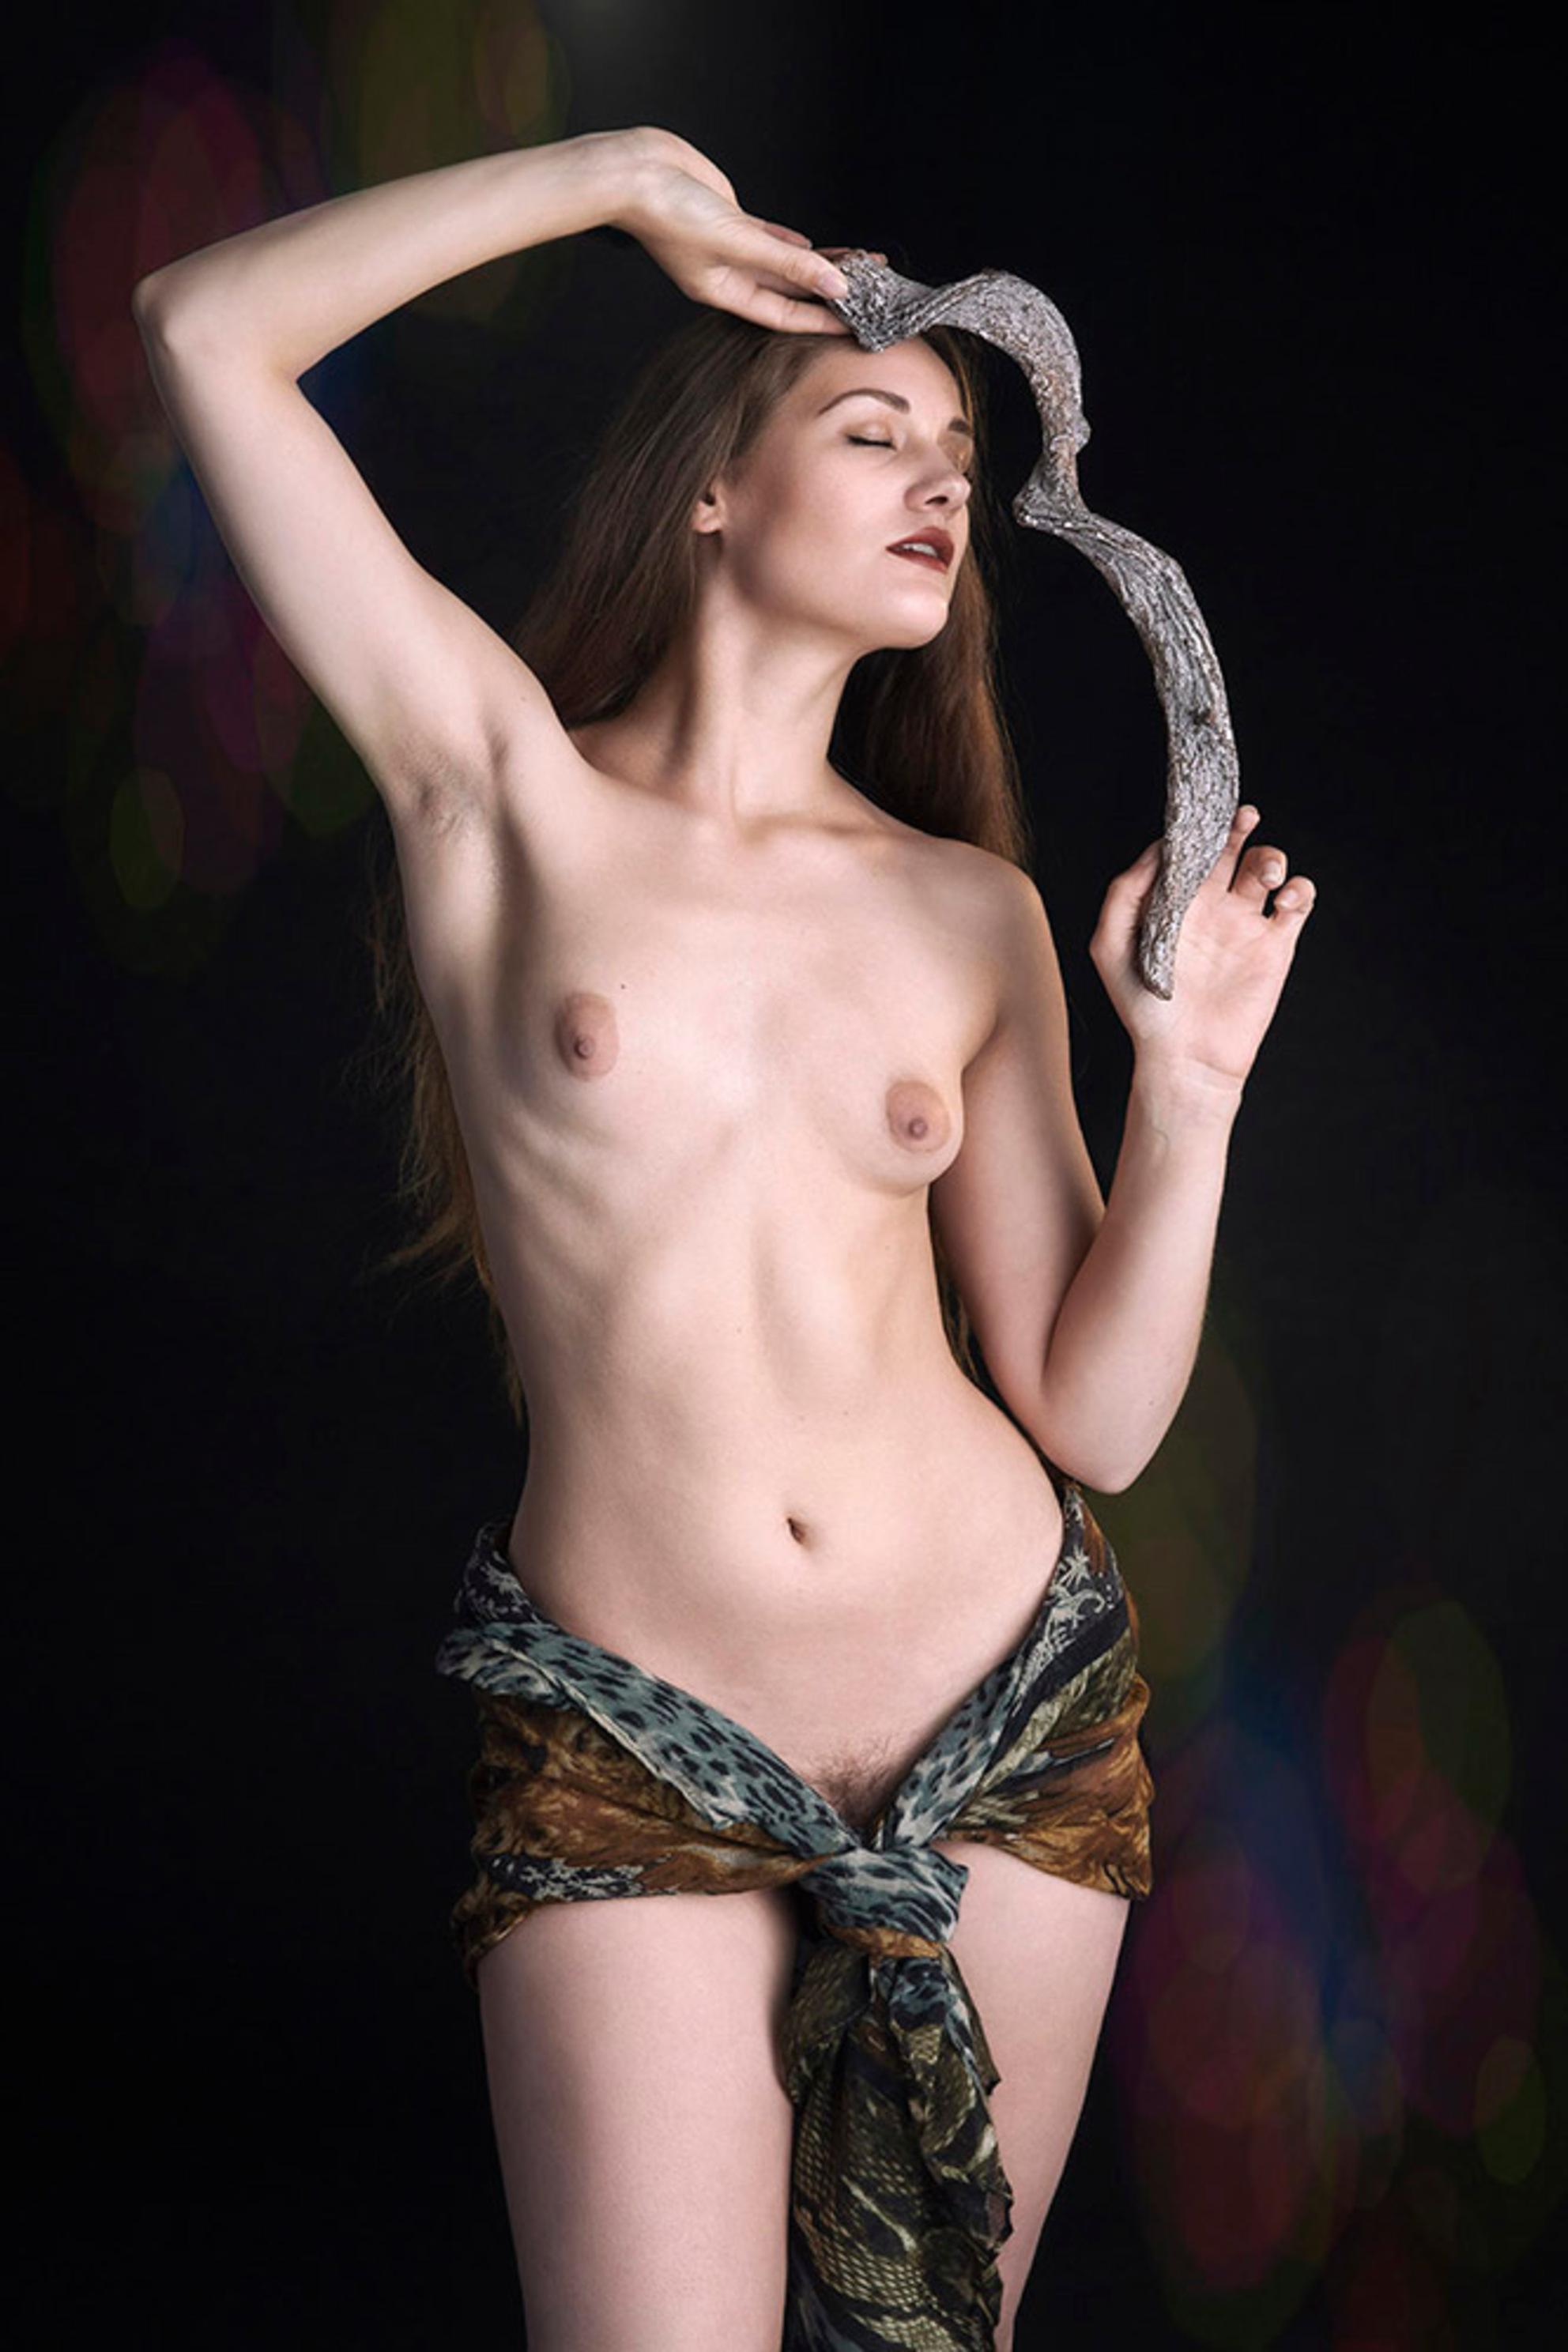 Ondine - Met het Franse model Ondine. - foto door jhslotboom op 28-02-2021